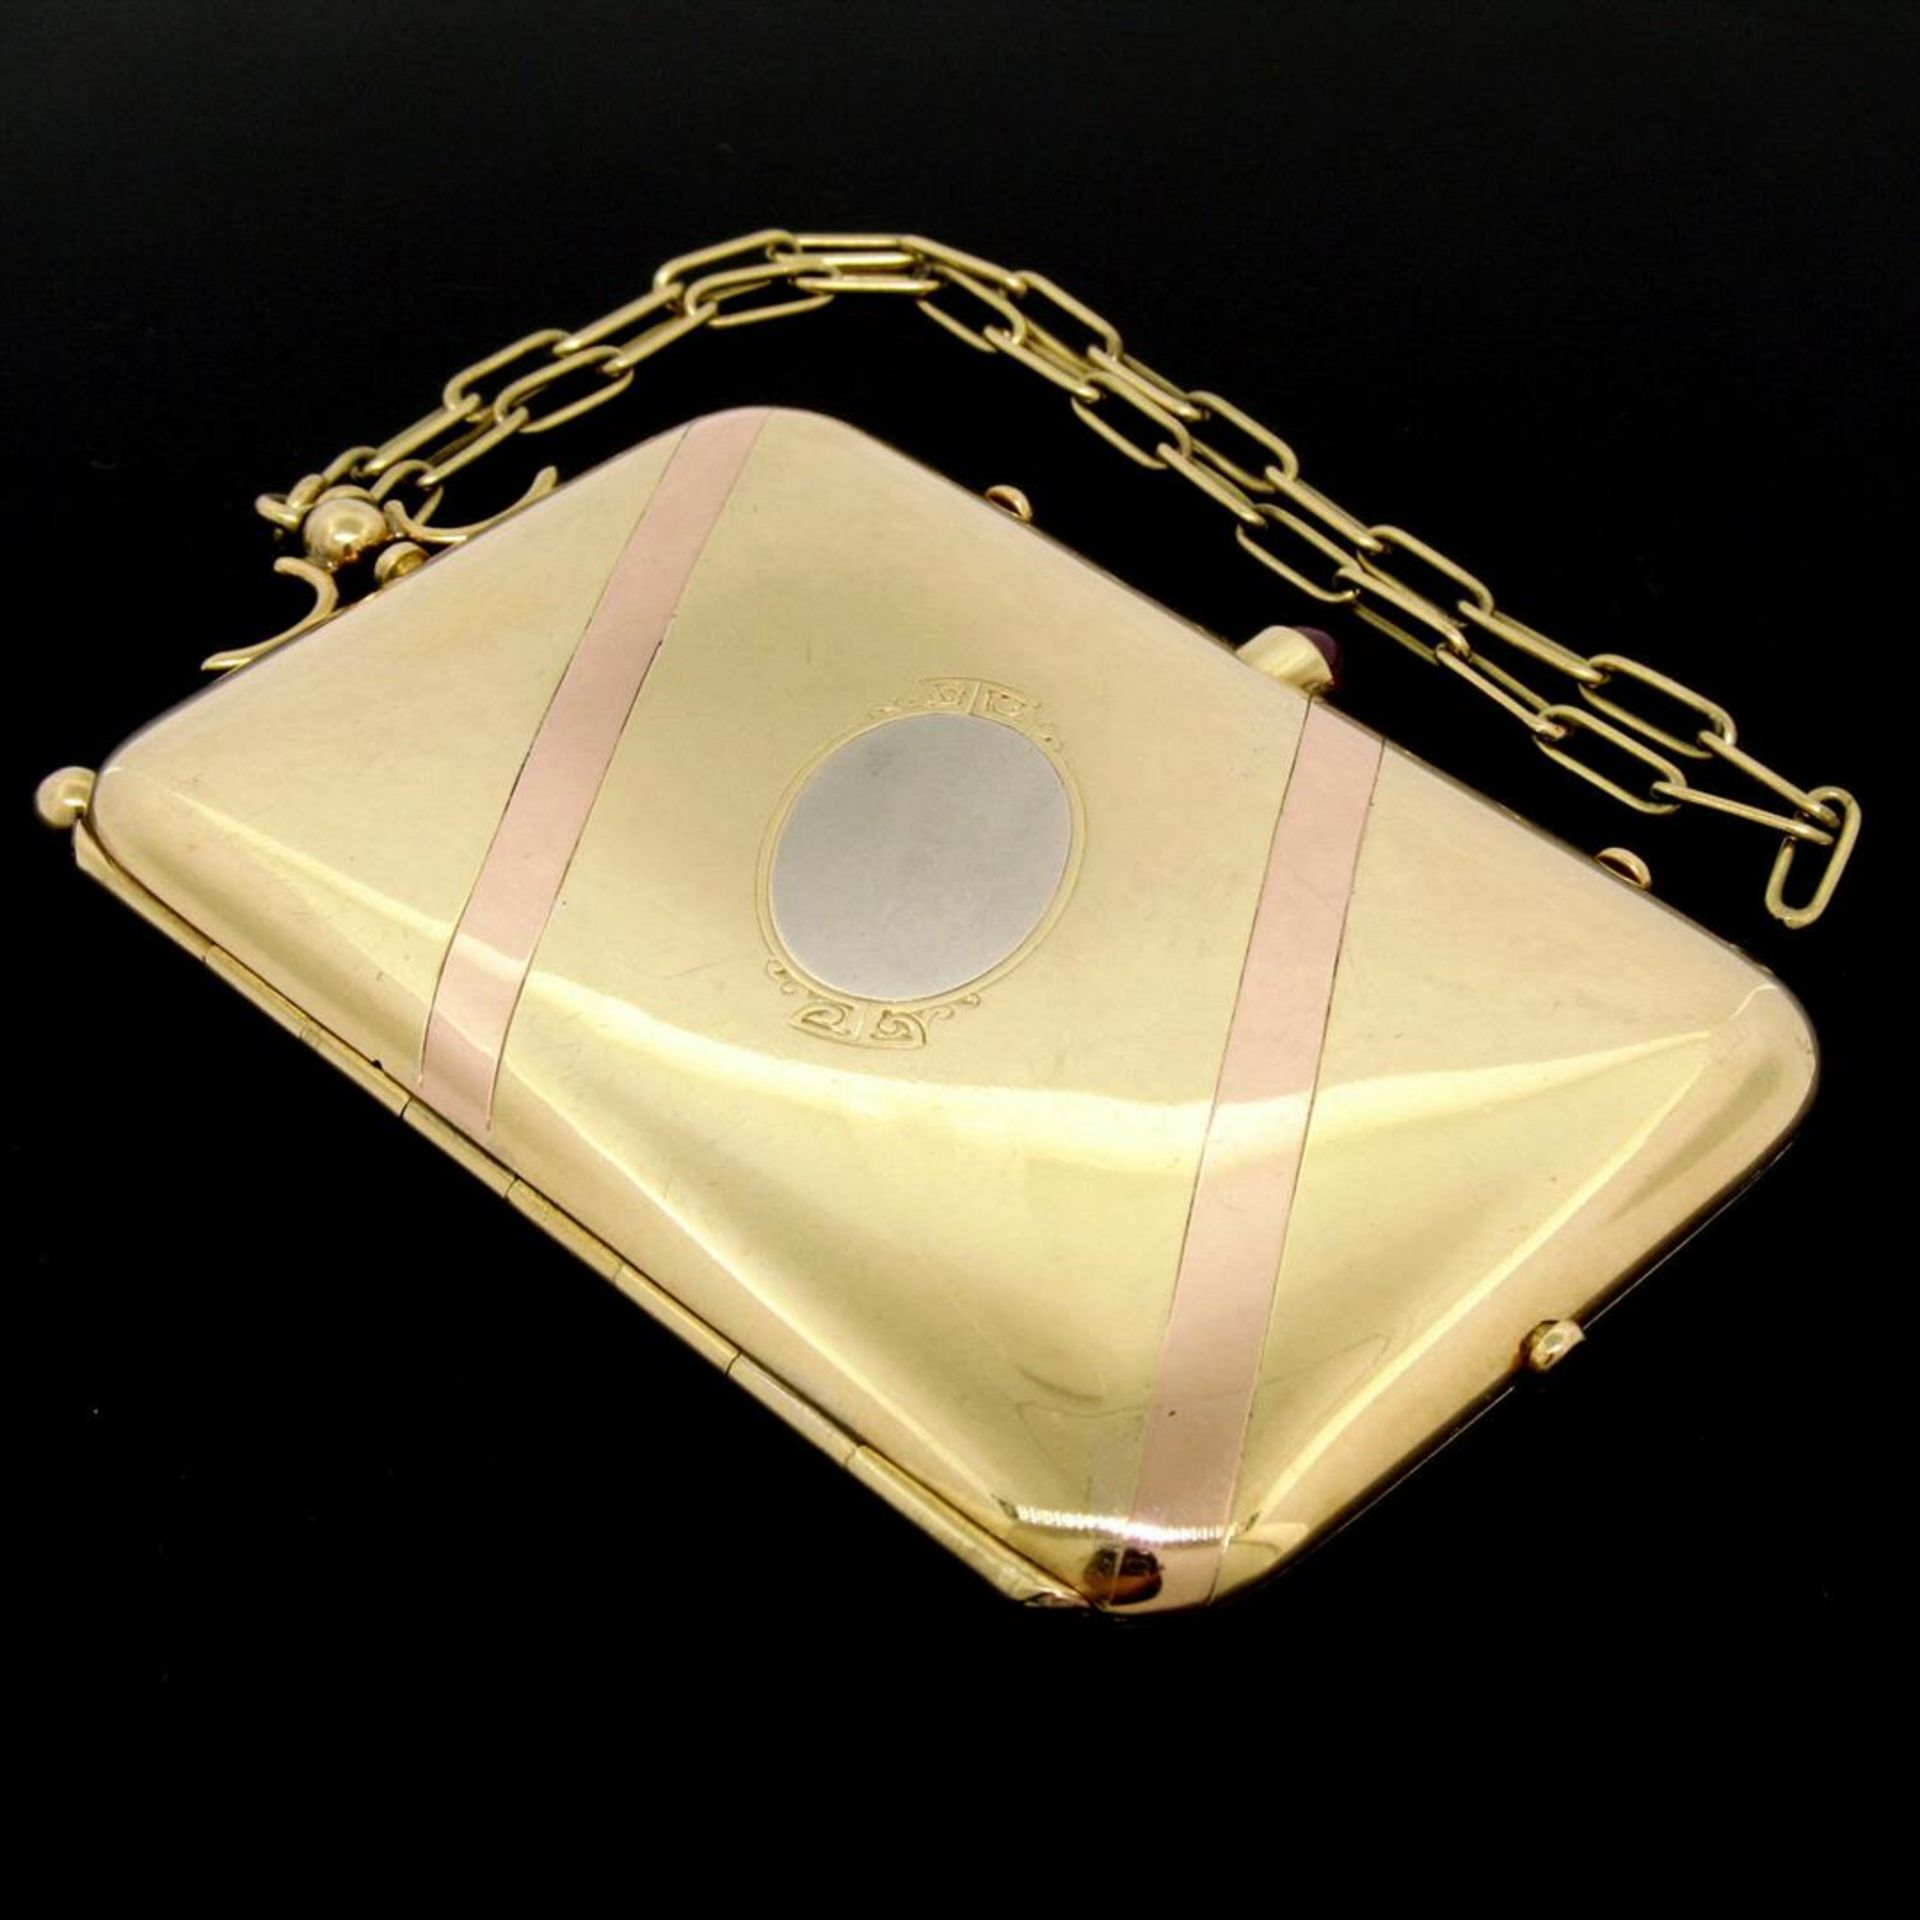 Vintage BOUCHERON Paris 18k Tri Color Gold Ruby Compact Powder Case